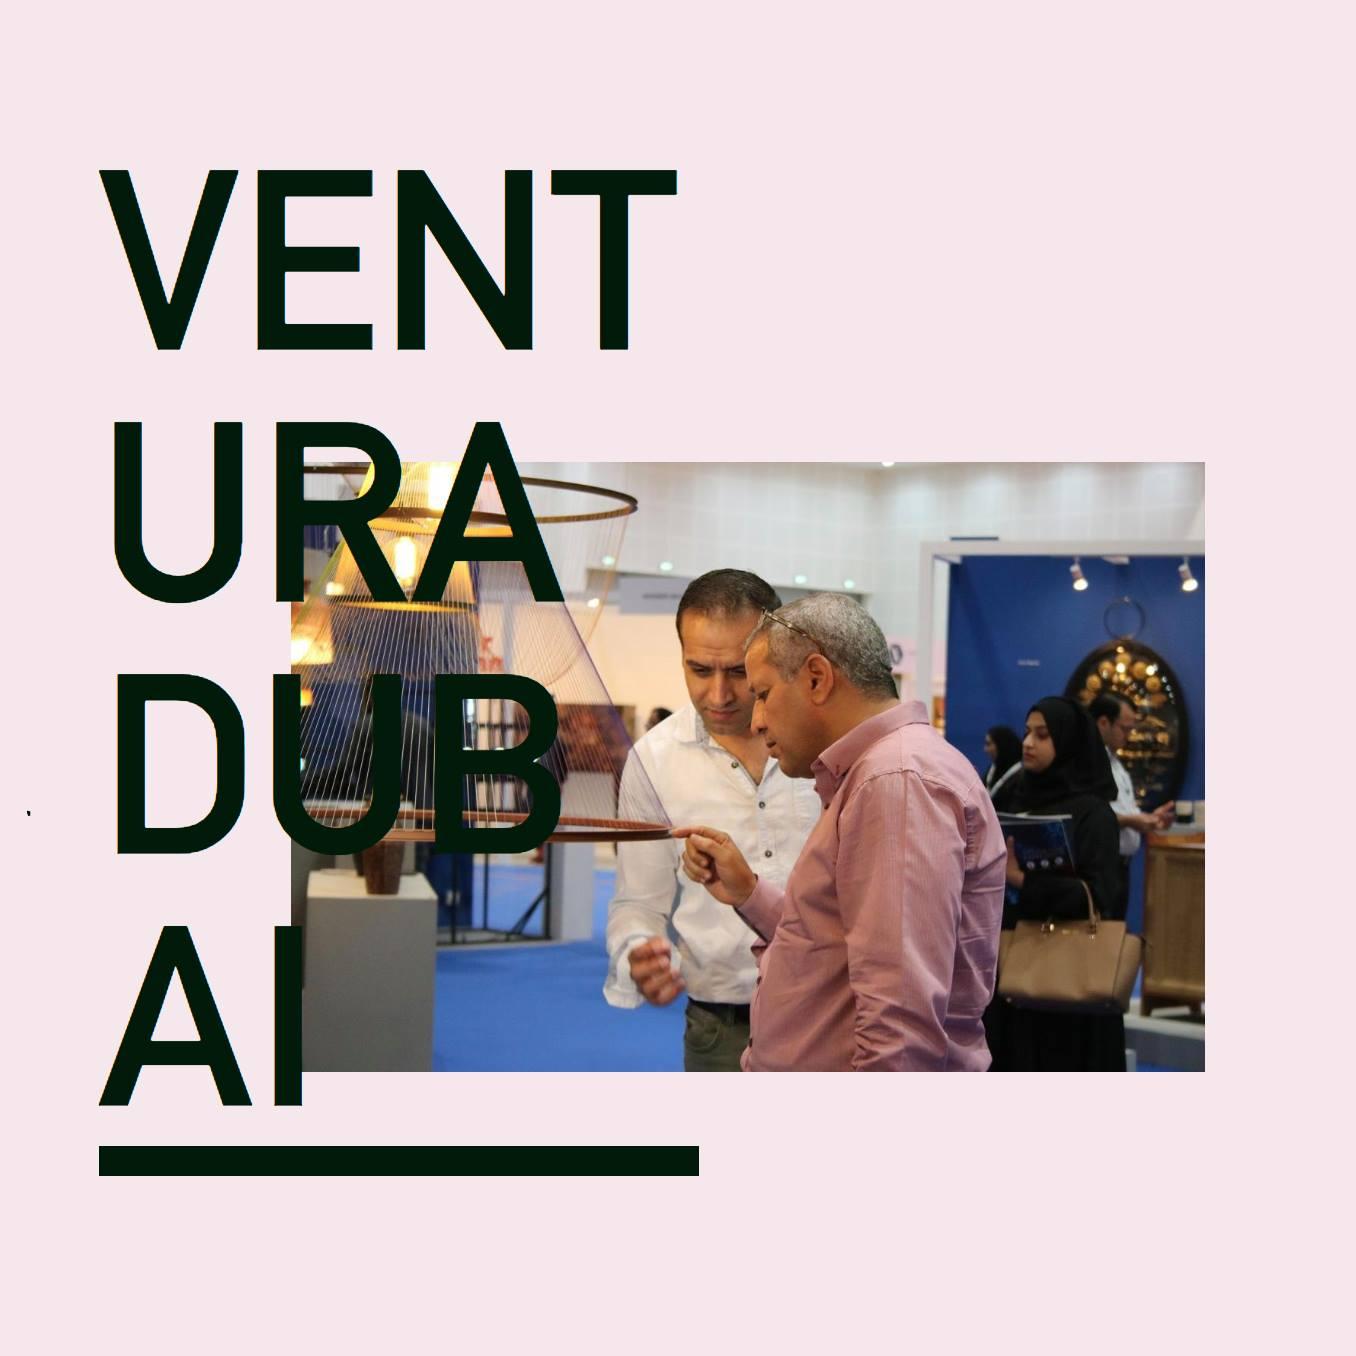 高本 夏実さん、Ventura Dubai 2019に出展!